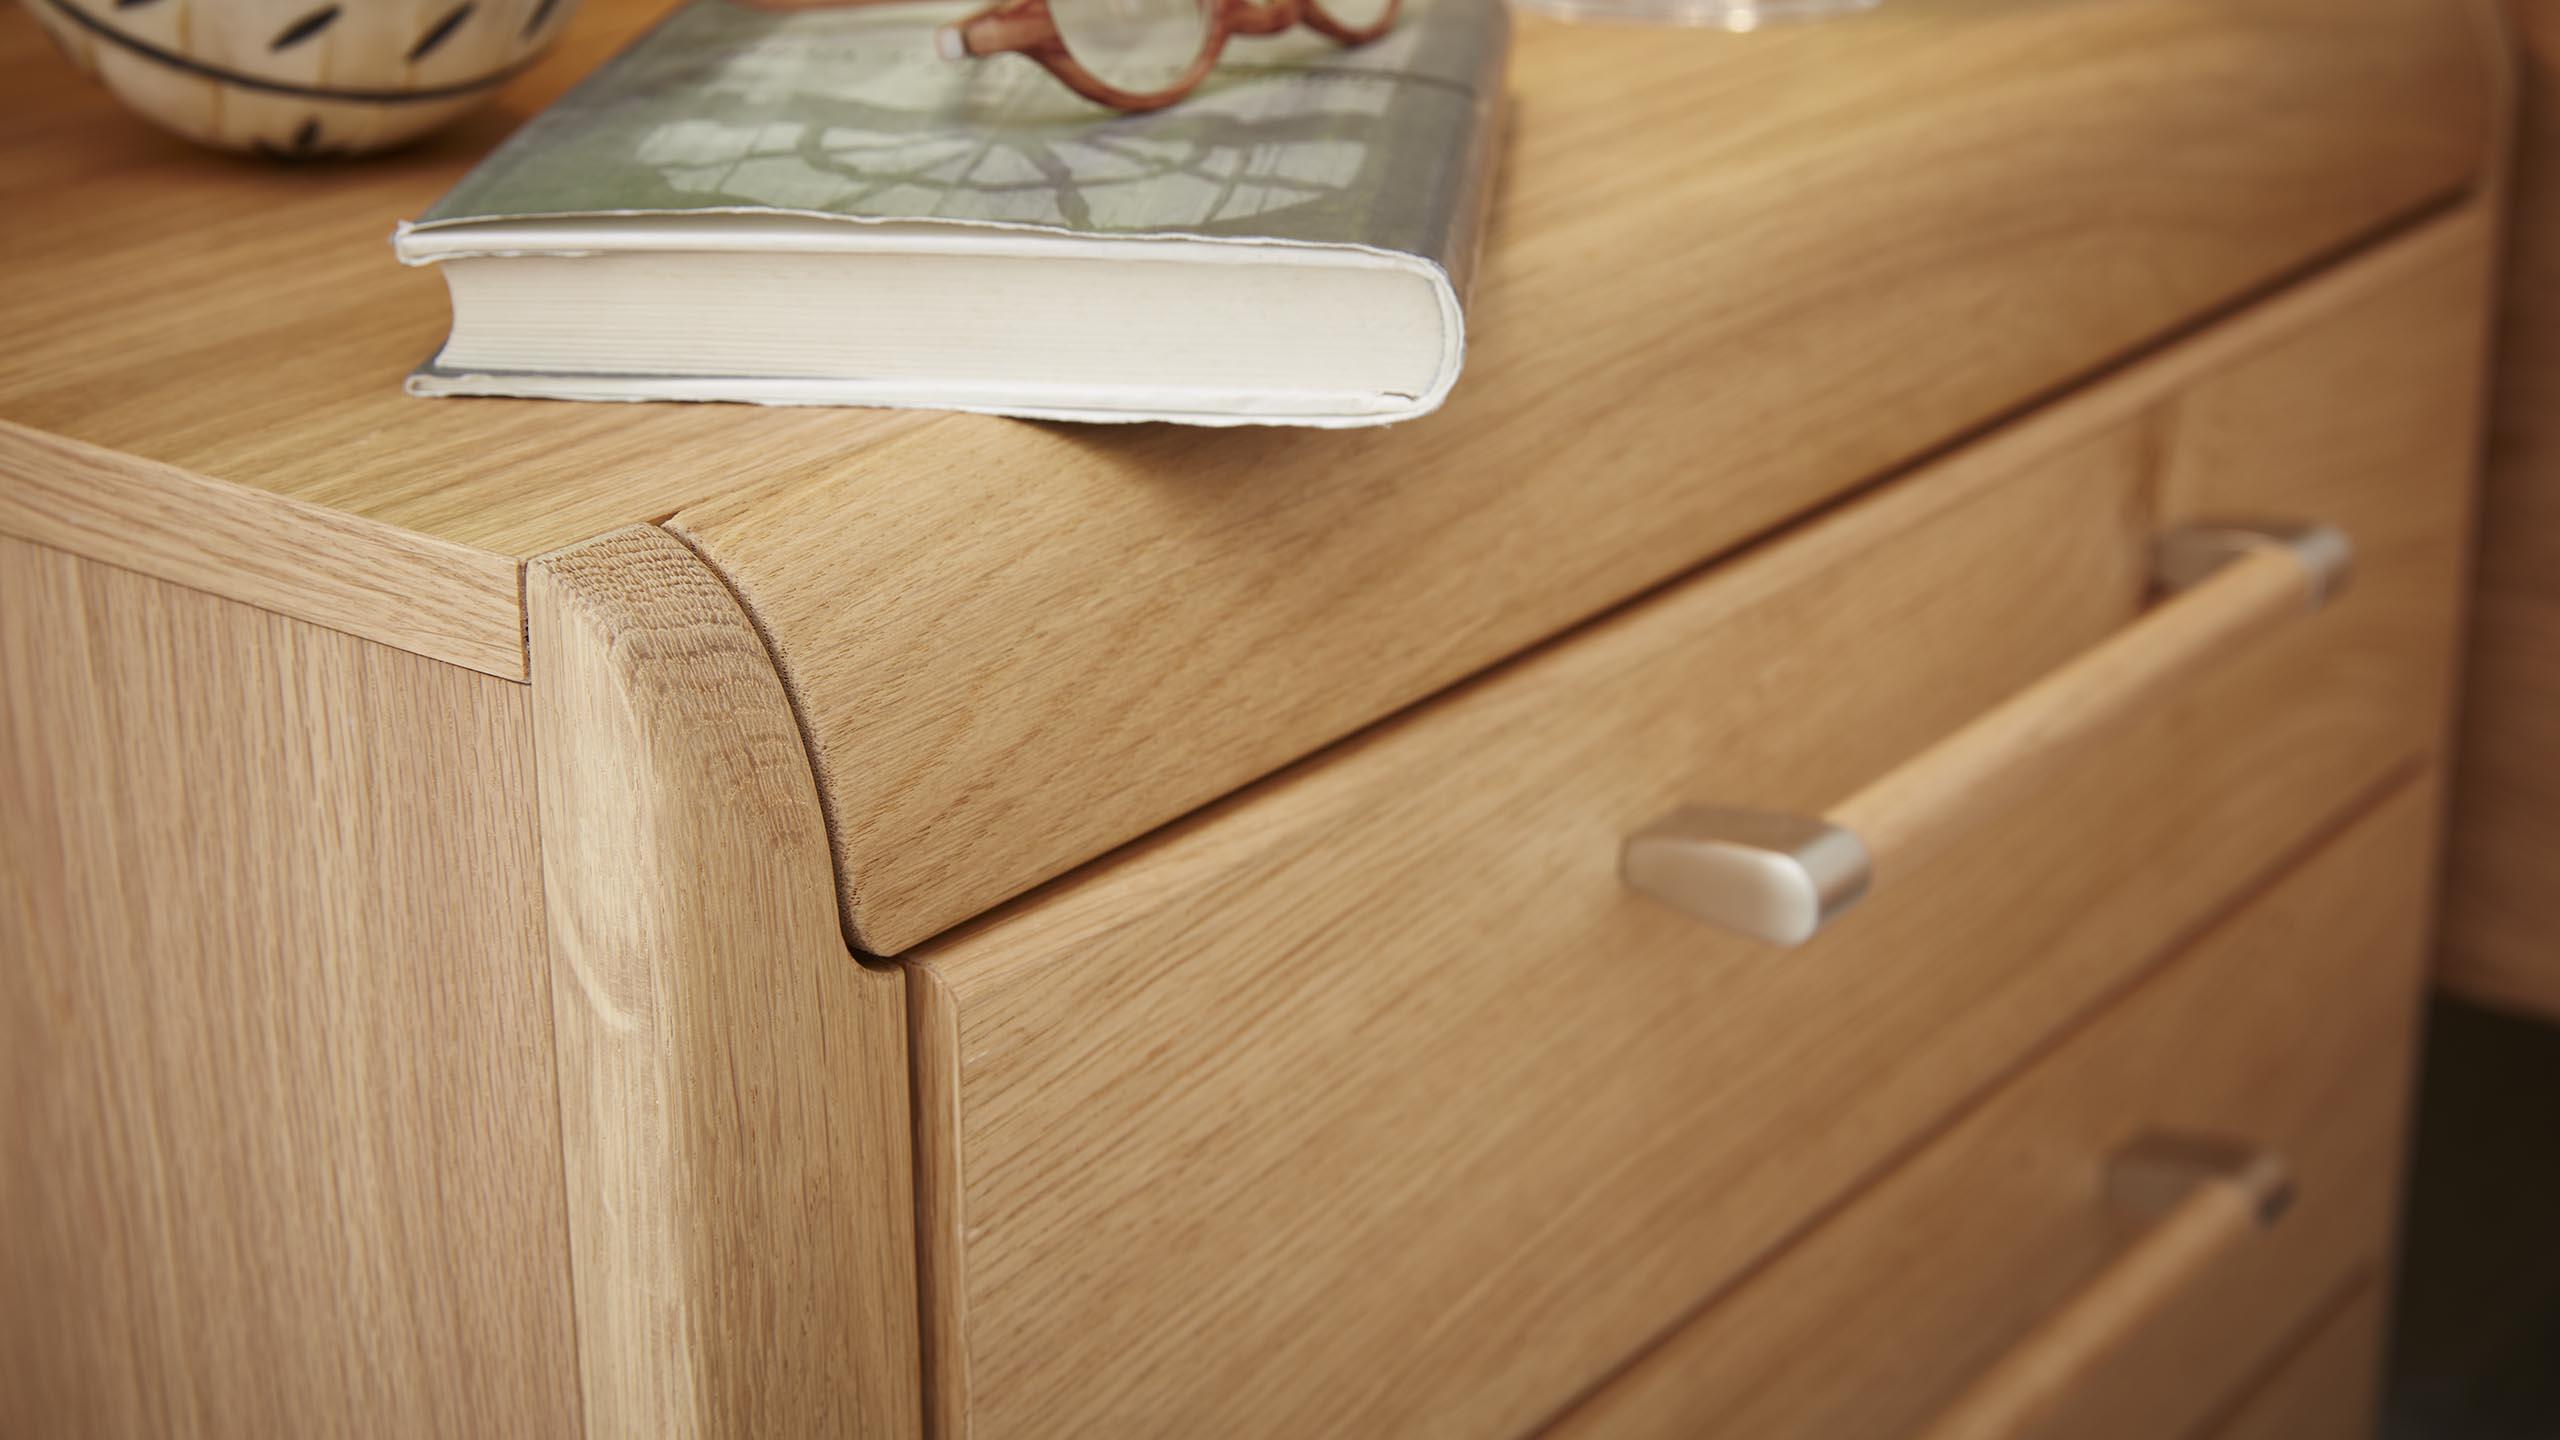 Schlafzimmer lattenroste und matratzen g nstig teppich l ufer f r schlafzimmer - Mobel block schlafzimmer ...